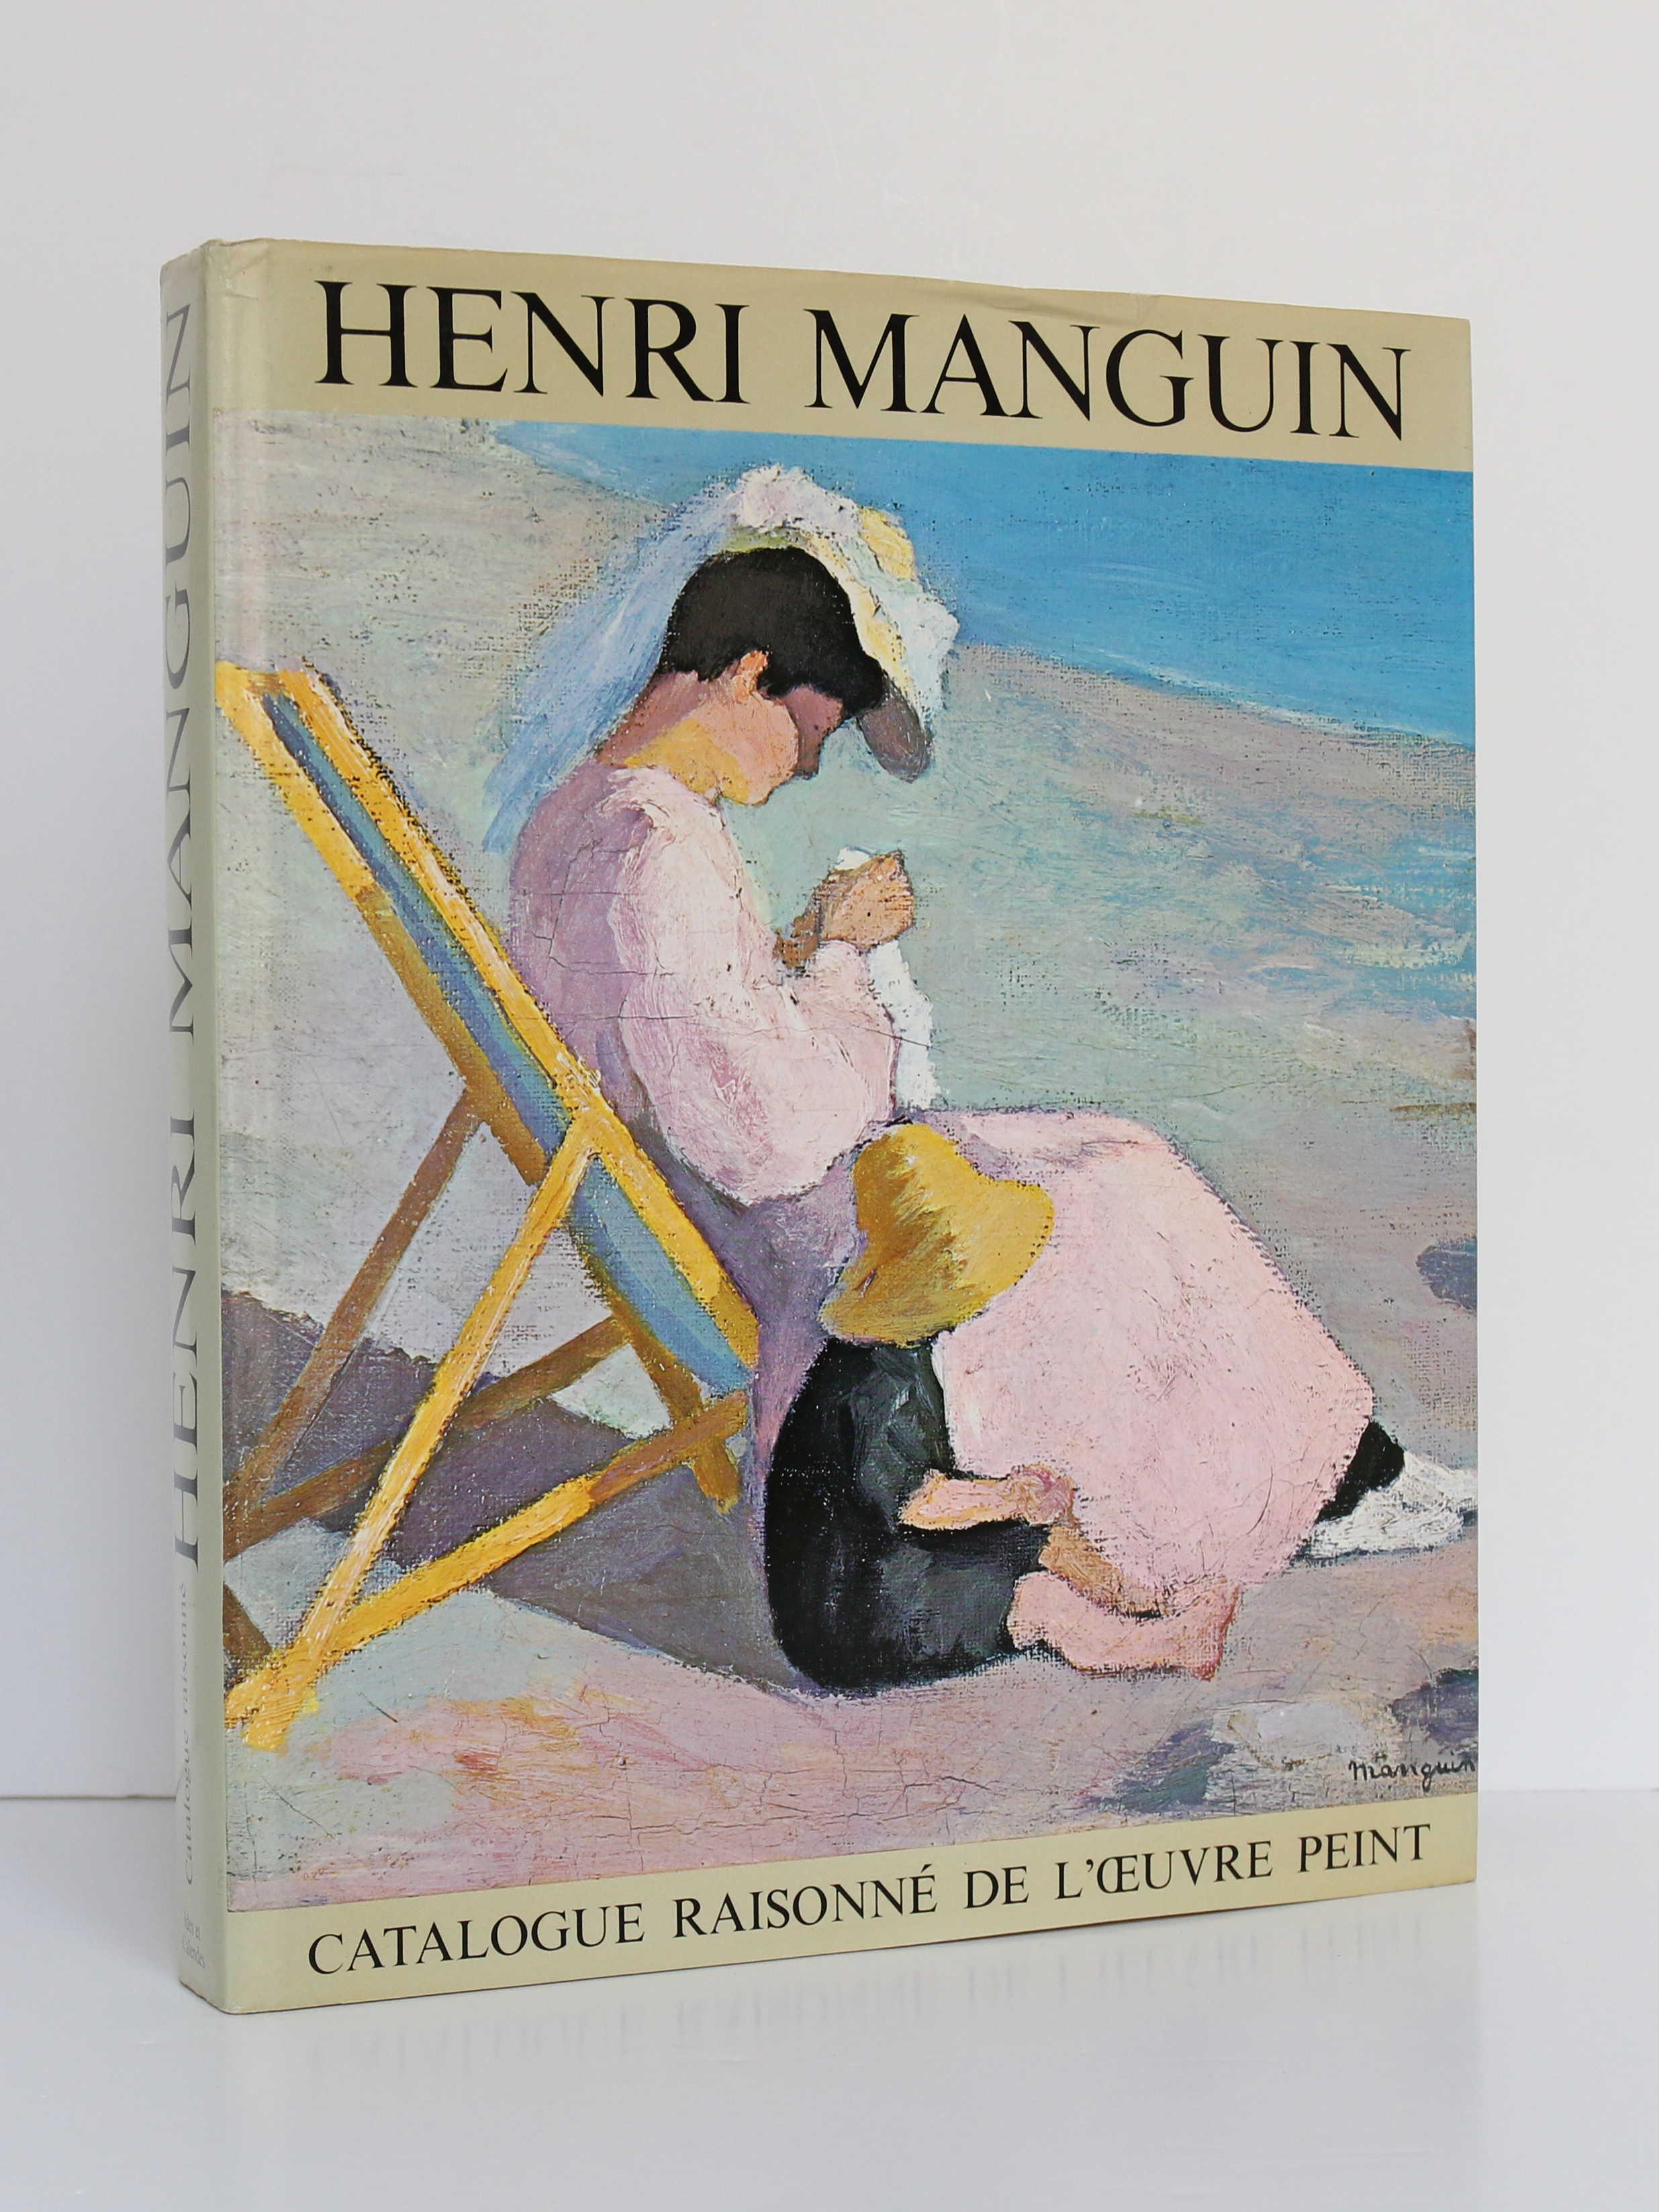 Henri Manguin, catalogue raisonné de l'œuvre peint. Ides et Calendes, 1980. Couverture.